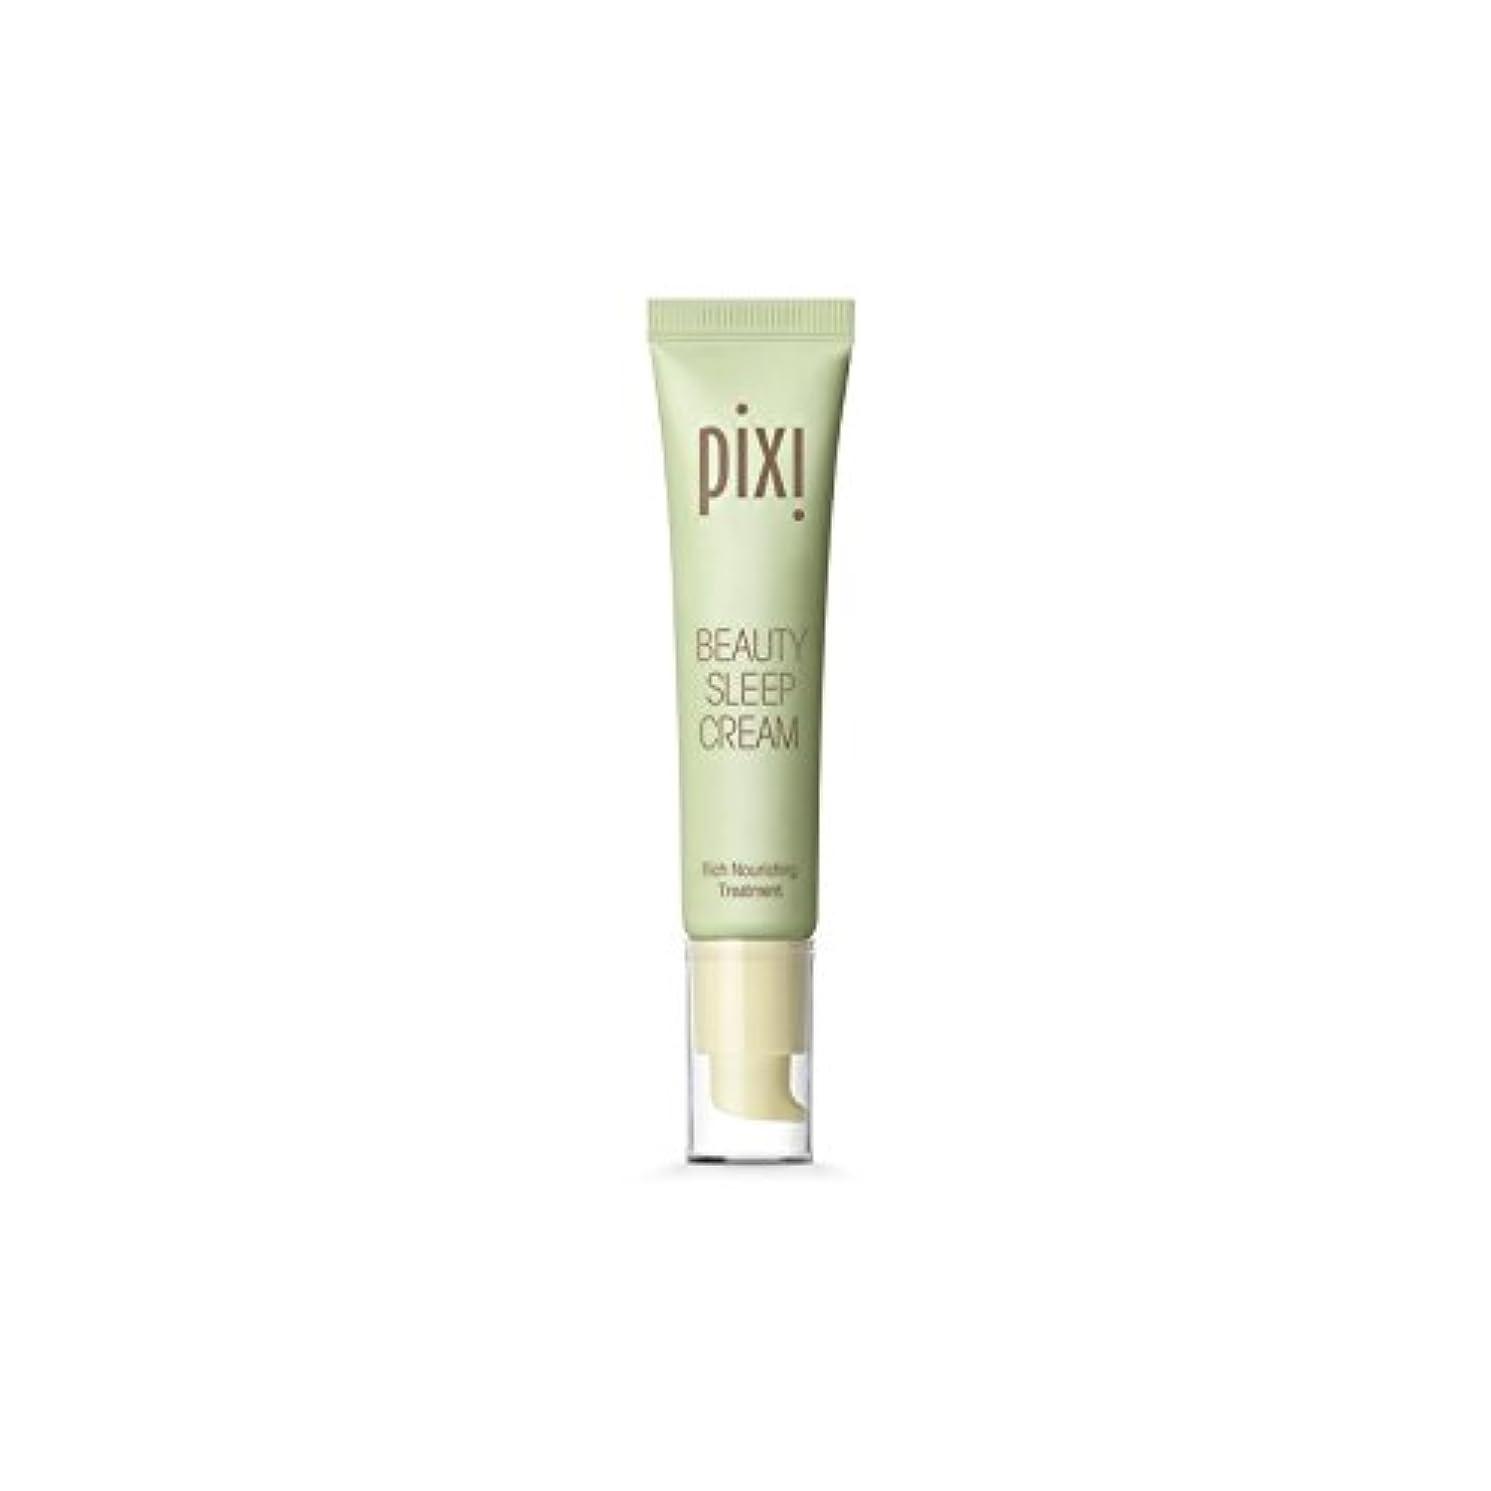 結紮記念碑的な強度Pixi Beauty Sleep Cream - 美しさの睡眠クリーム [並行輸入品]